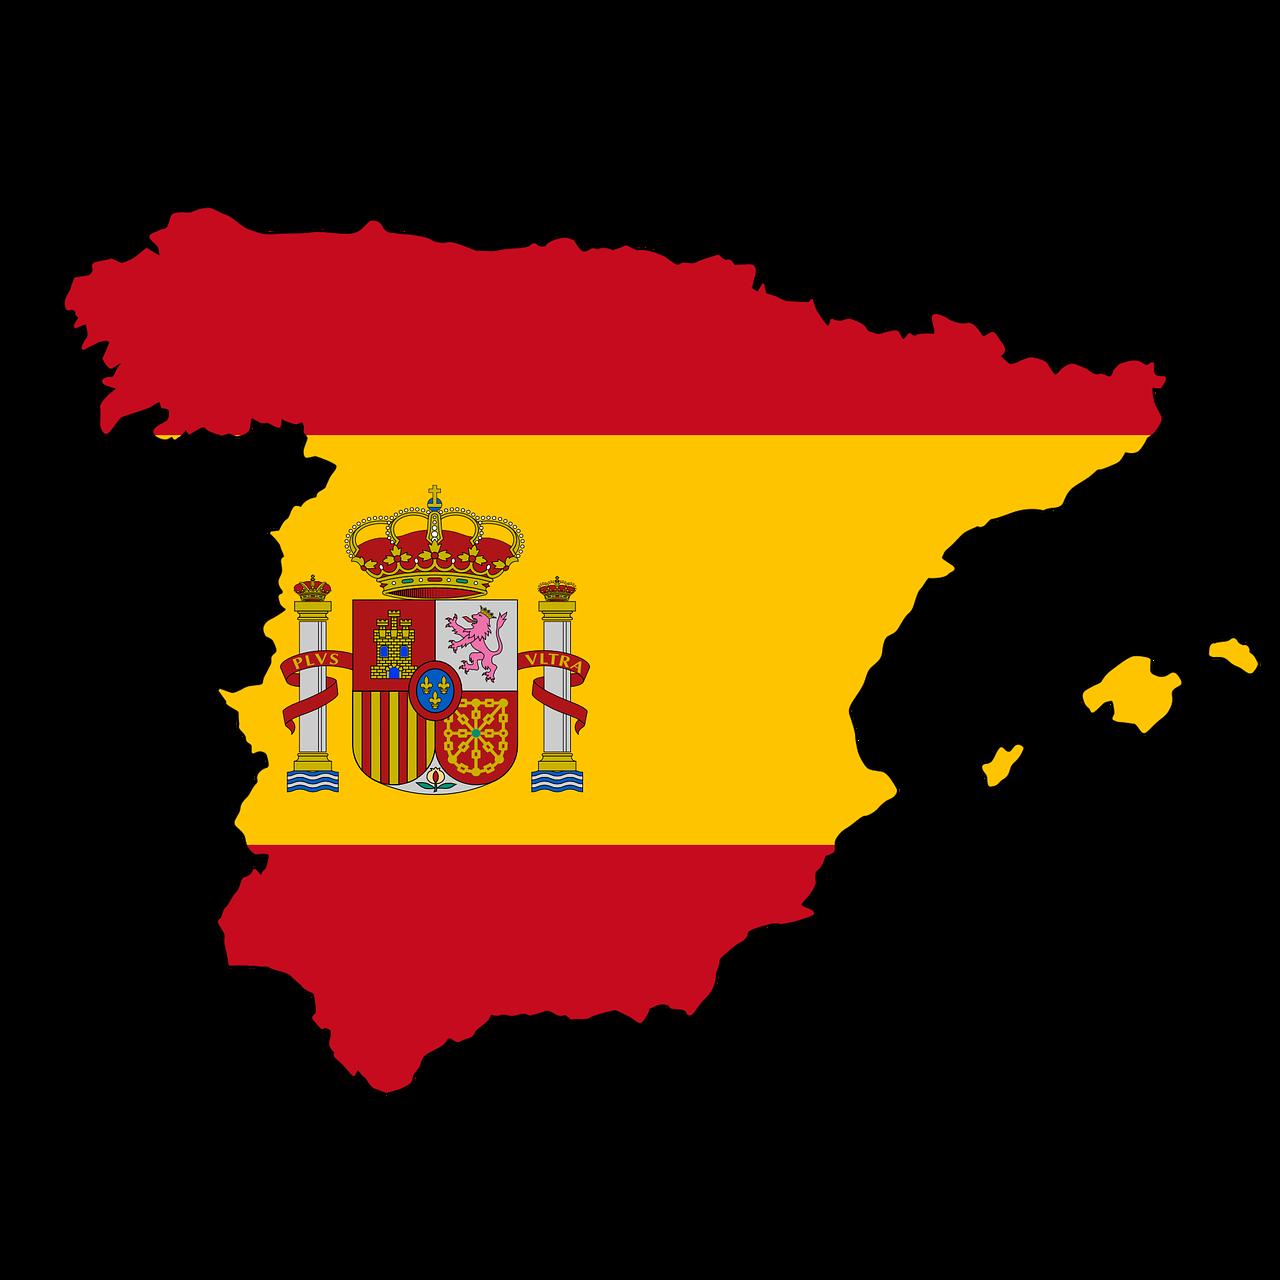 Sprachquiz: spielerisch spanisch lernen!